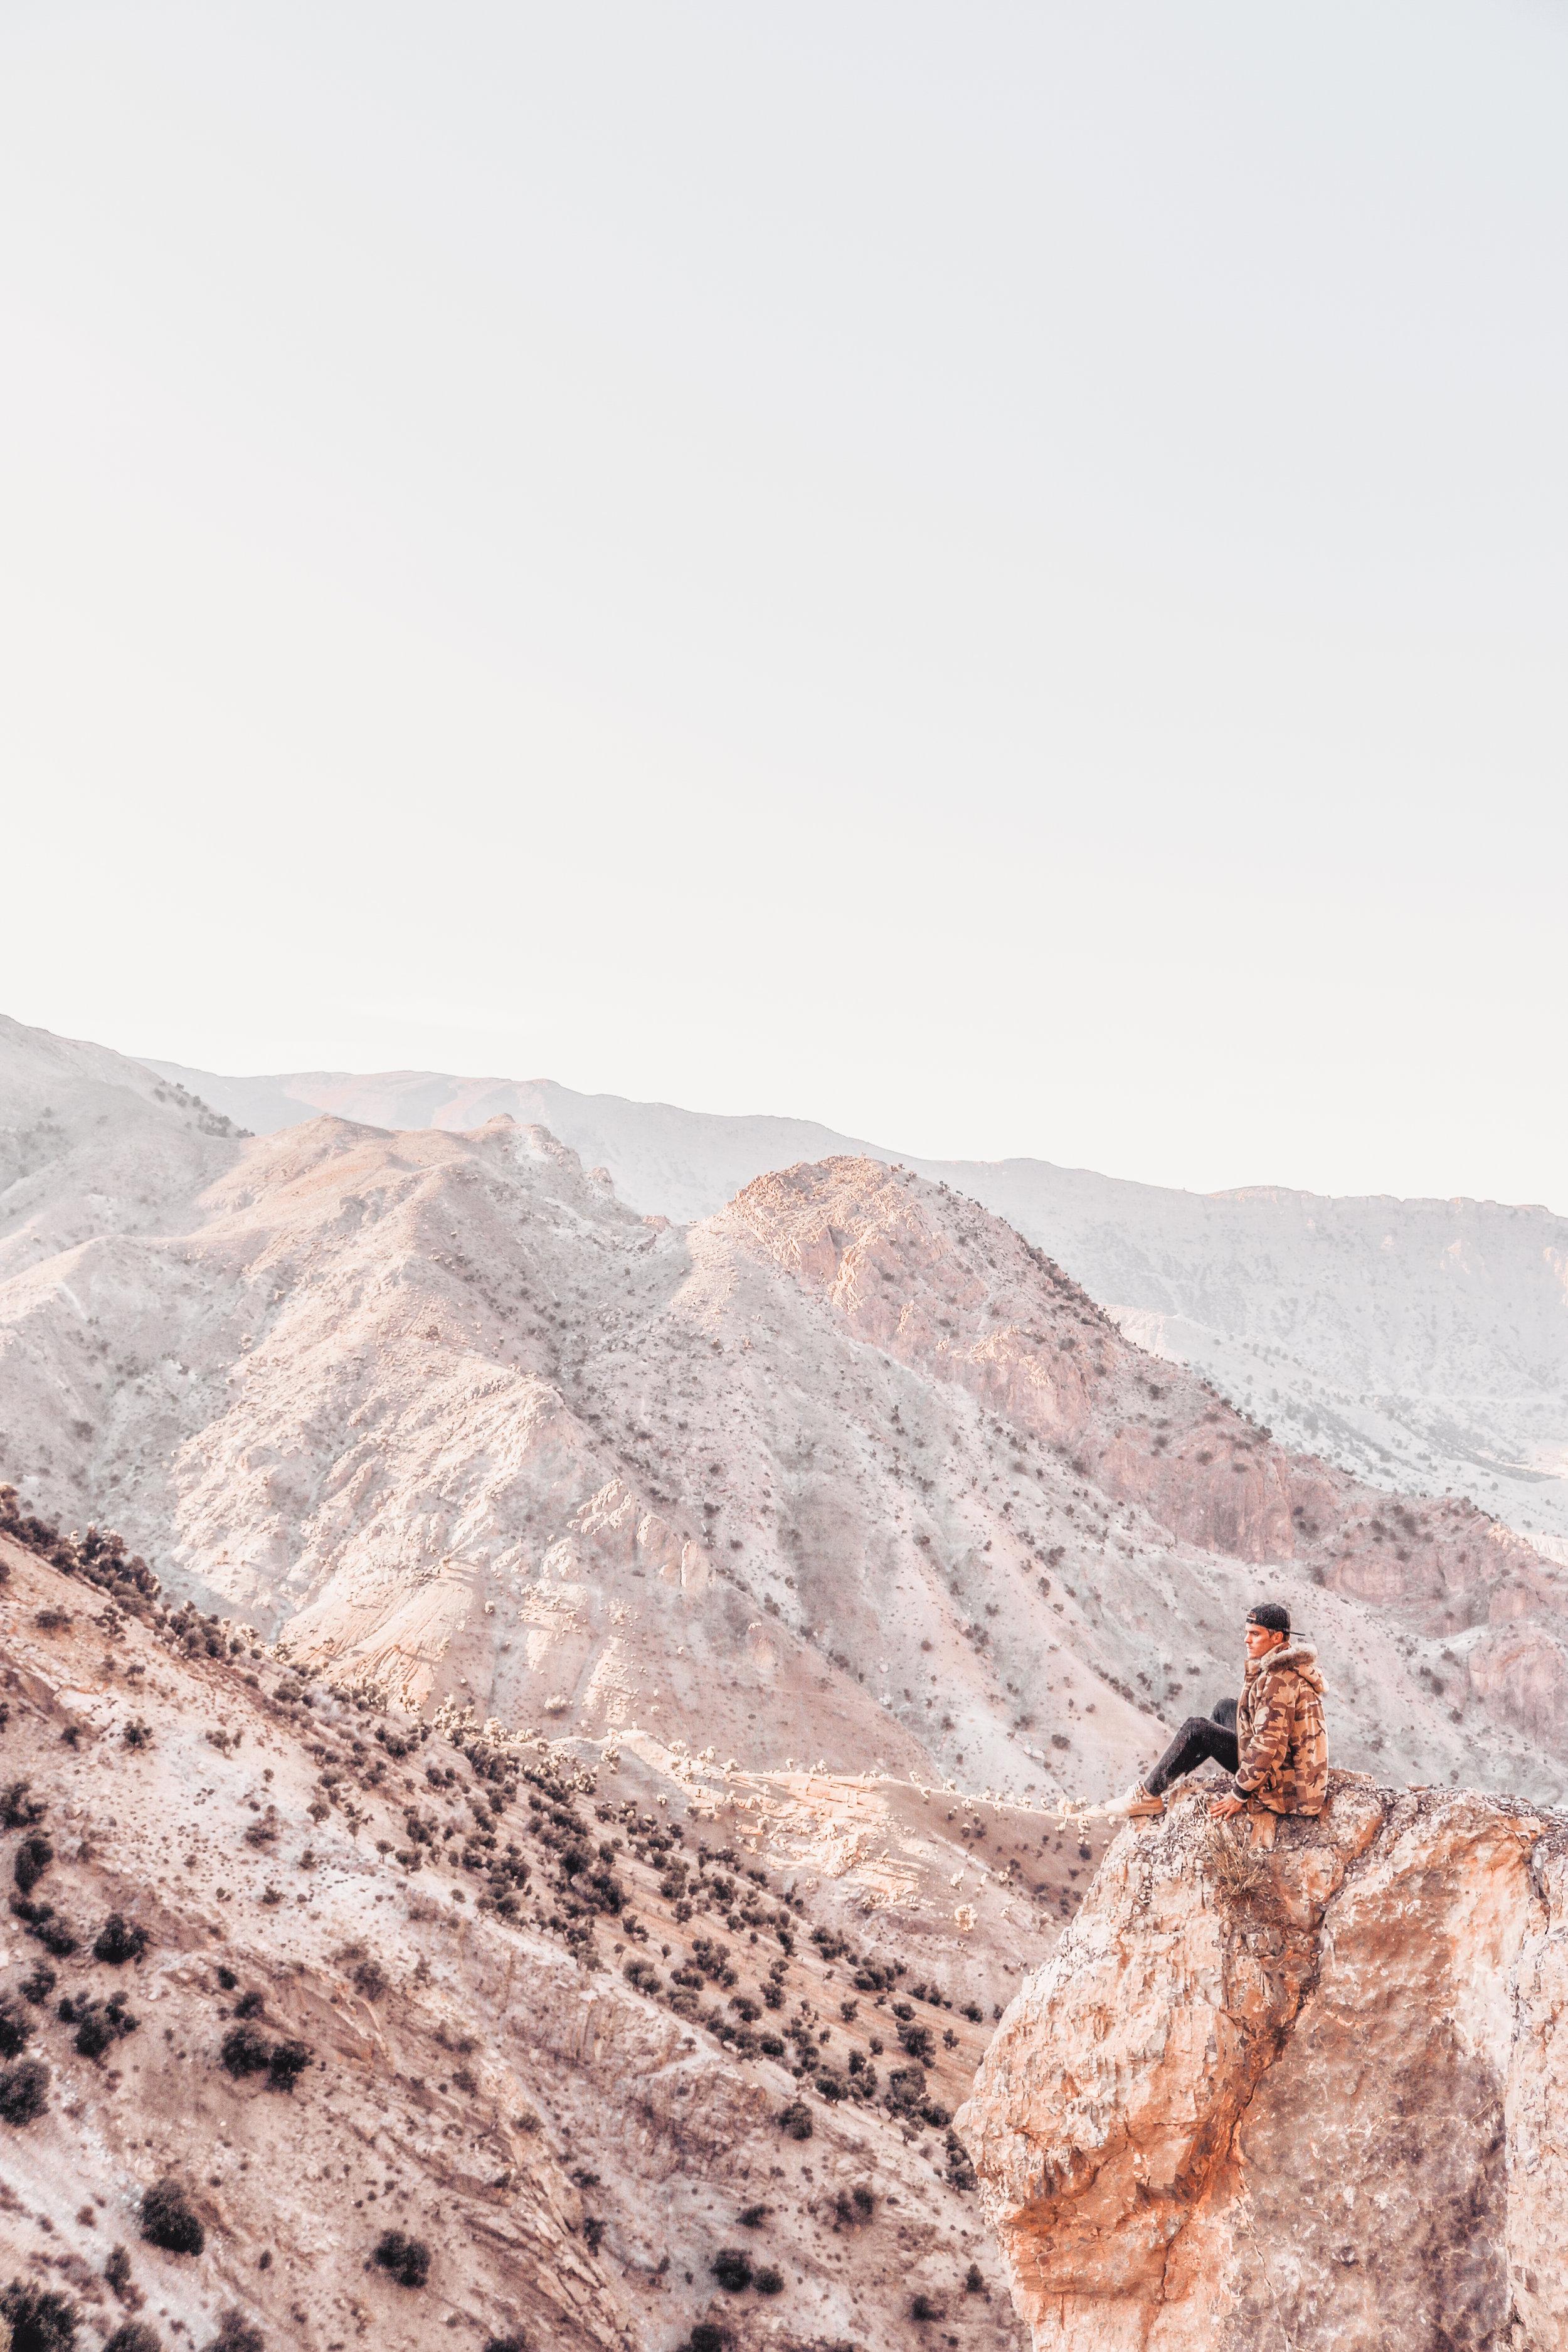 atlas-mountains-morocco-.jpg